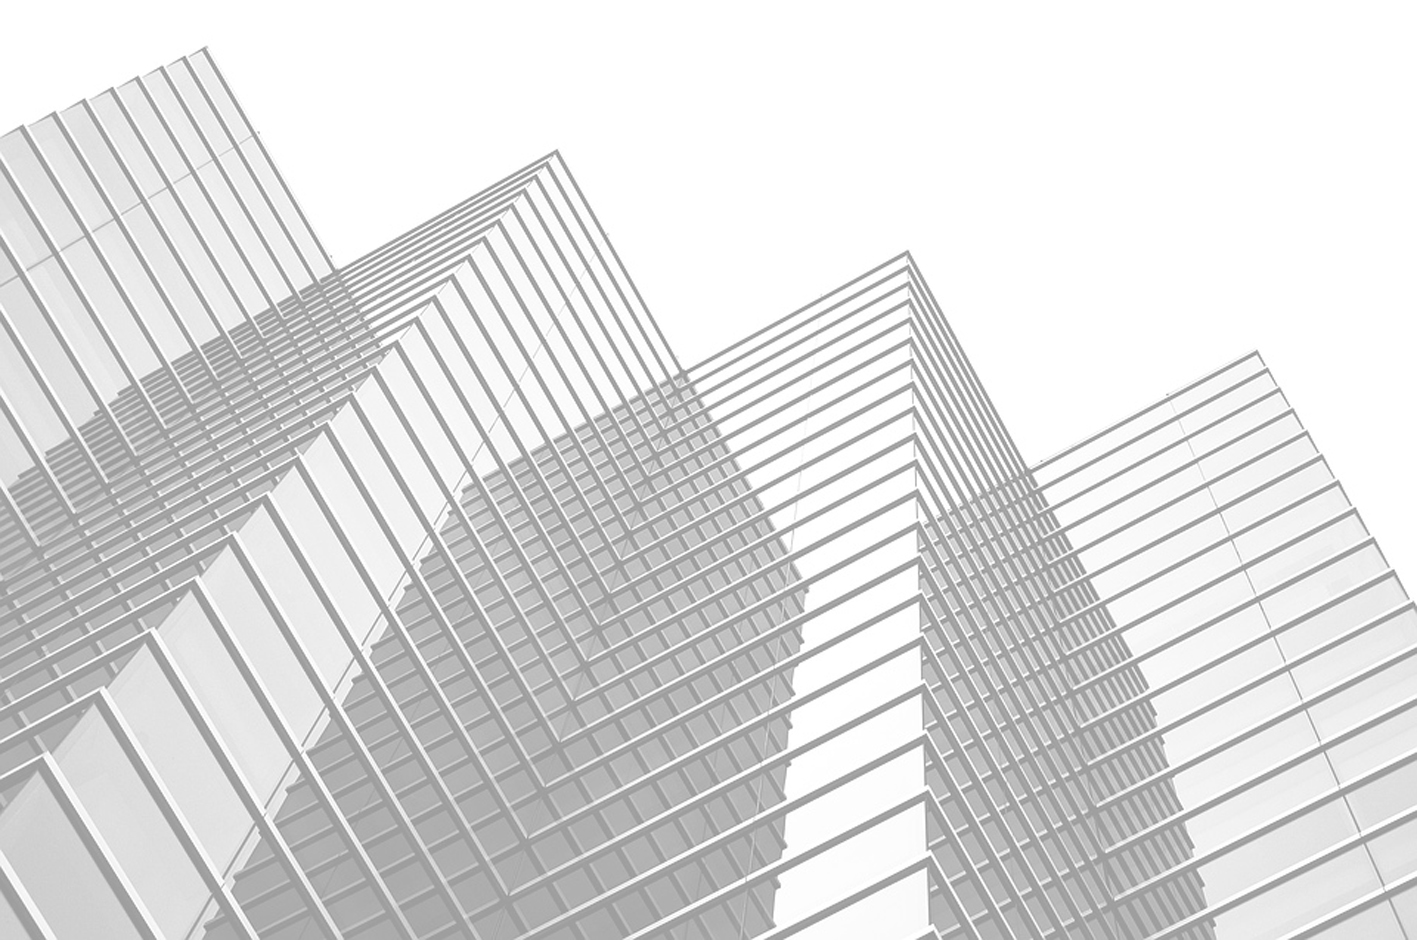 01 ARCHITECTURE